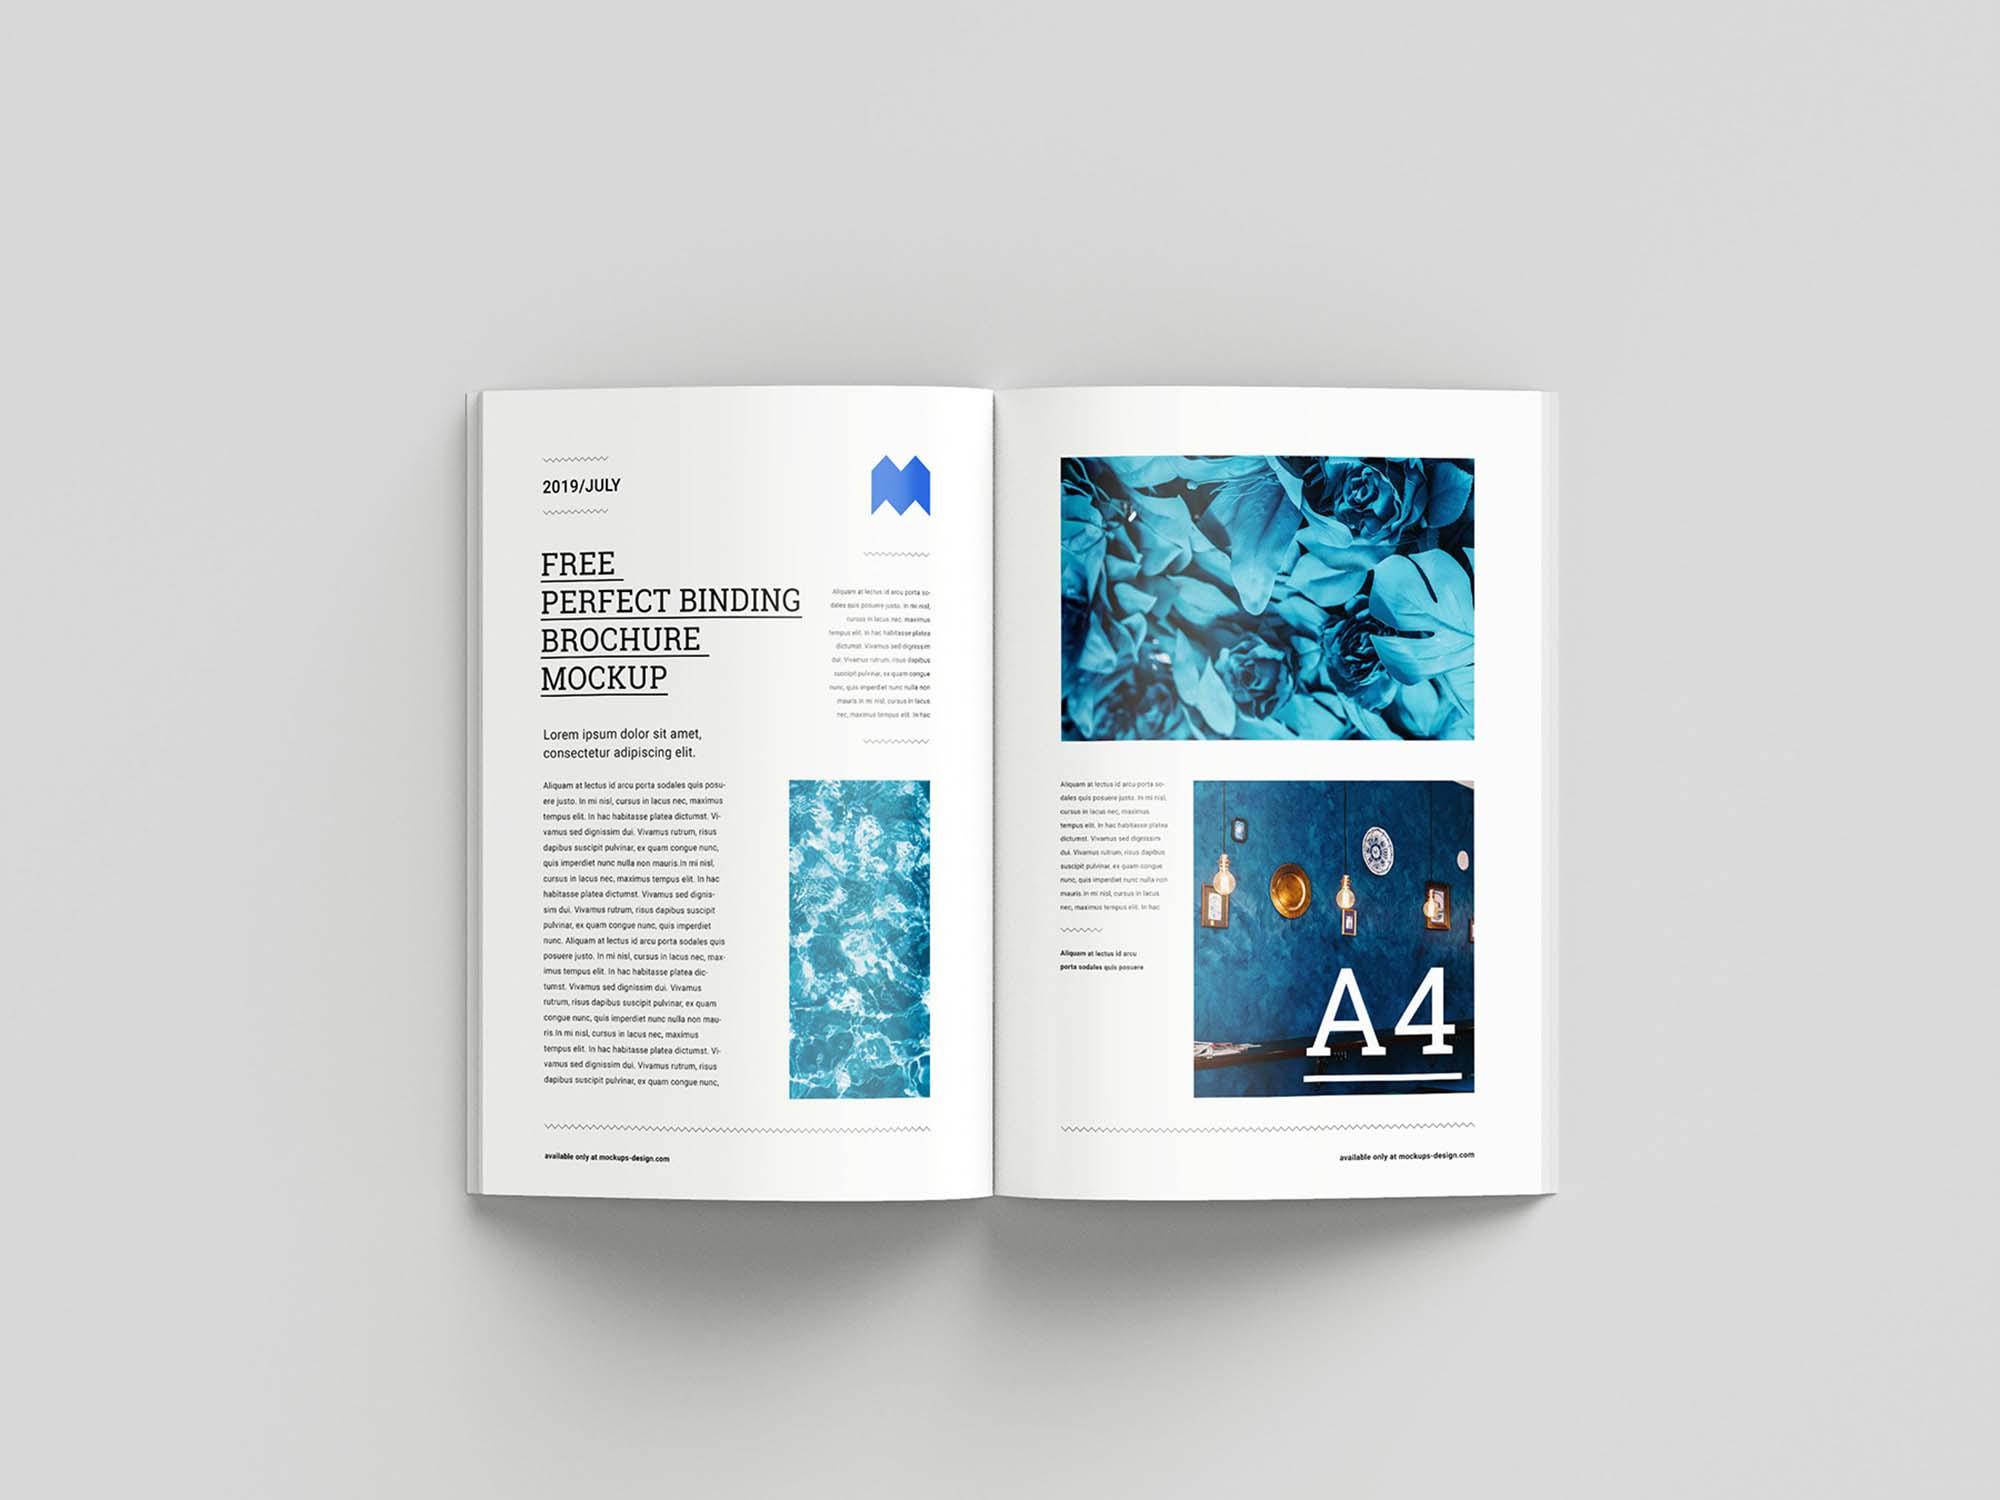 Perfect Binding Brochure Mockup 5